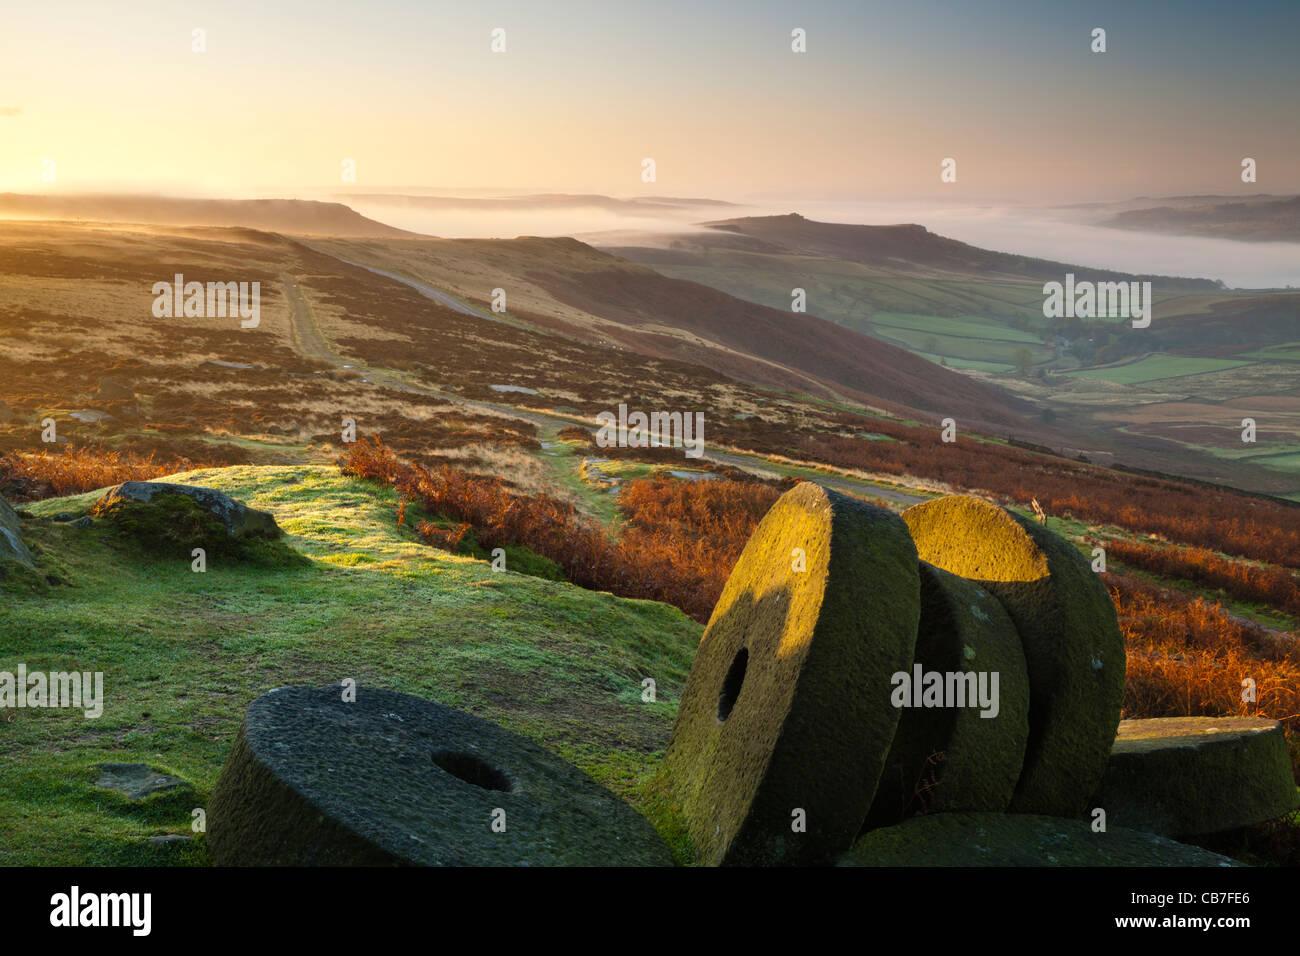 Sonnenaufgang, Stanage Edge Mühlsteine, Peak District National Park, Derbyshire, England, UK Stockbild